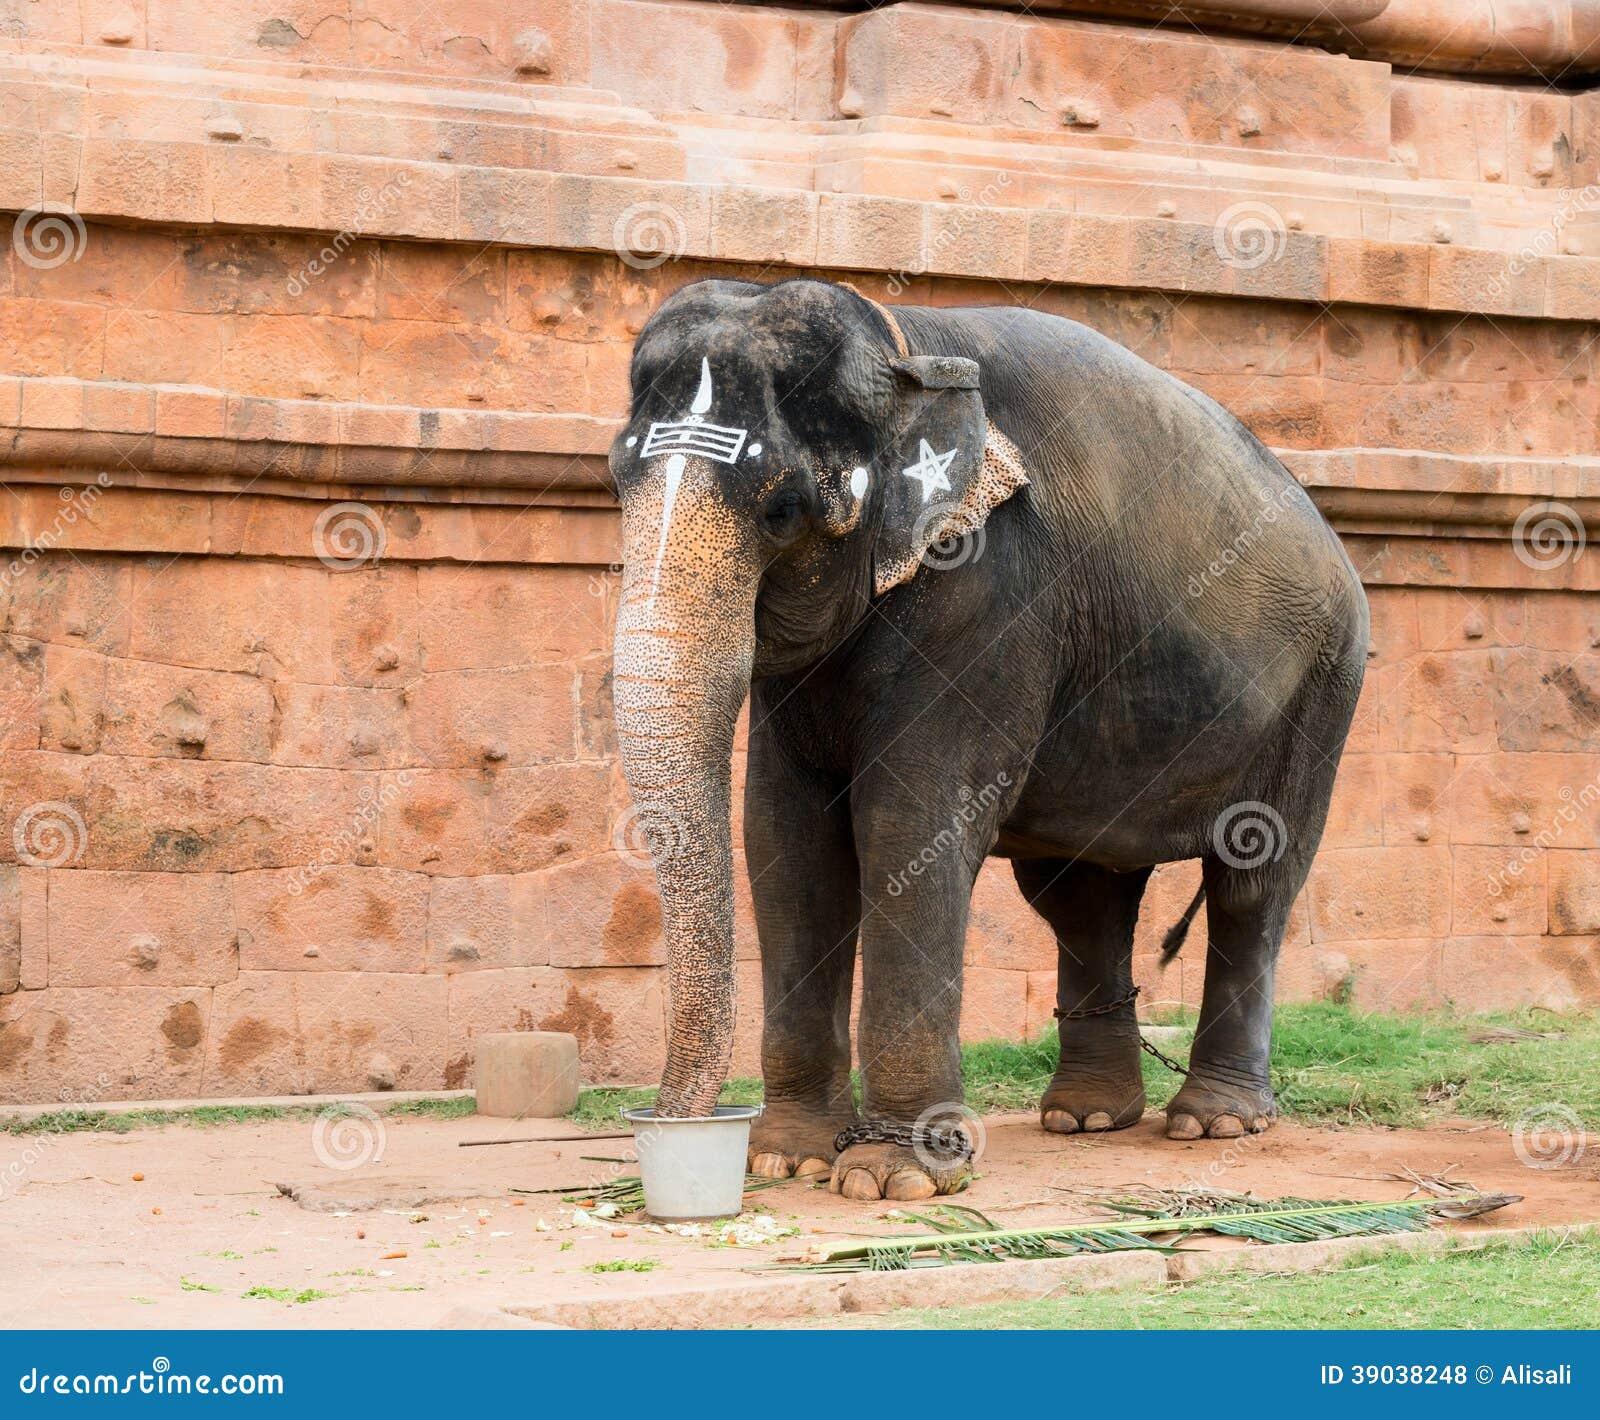 Sacred elephant drink from a bucket in Hindu temple Brihadishwara ...